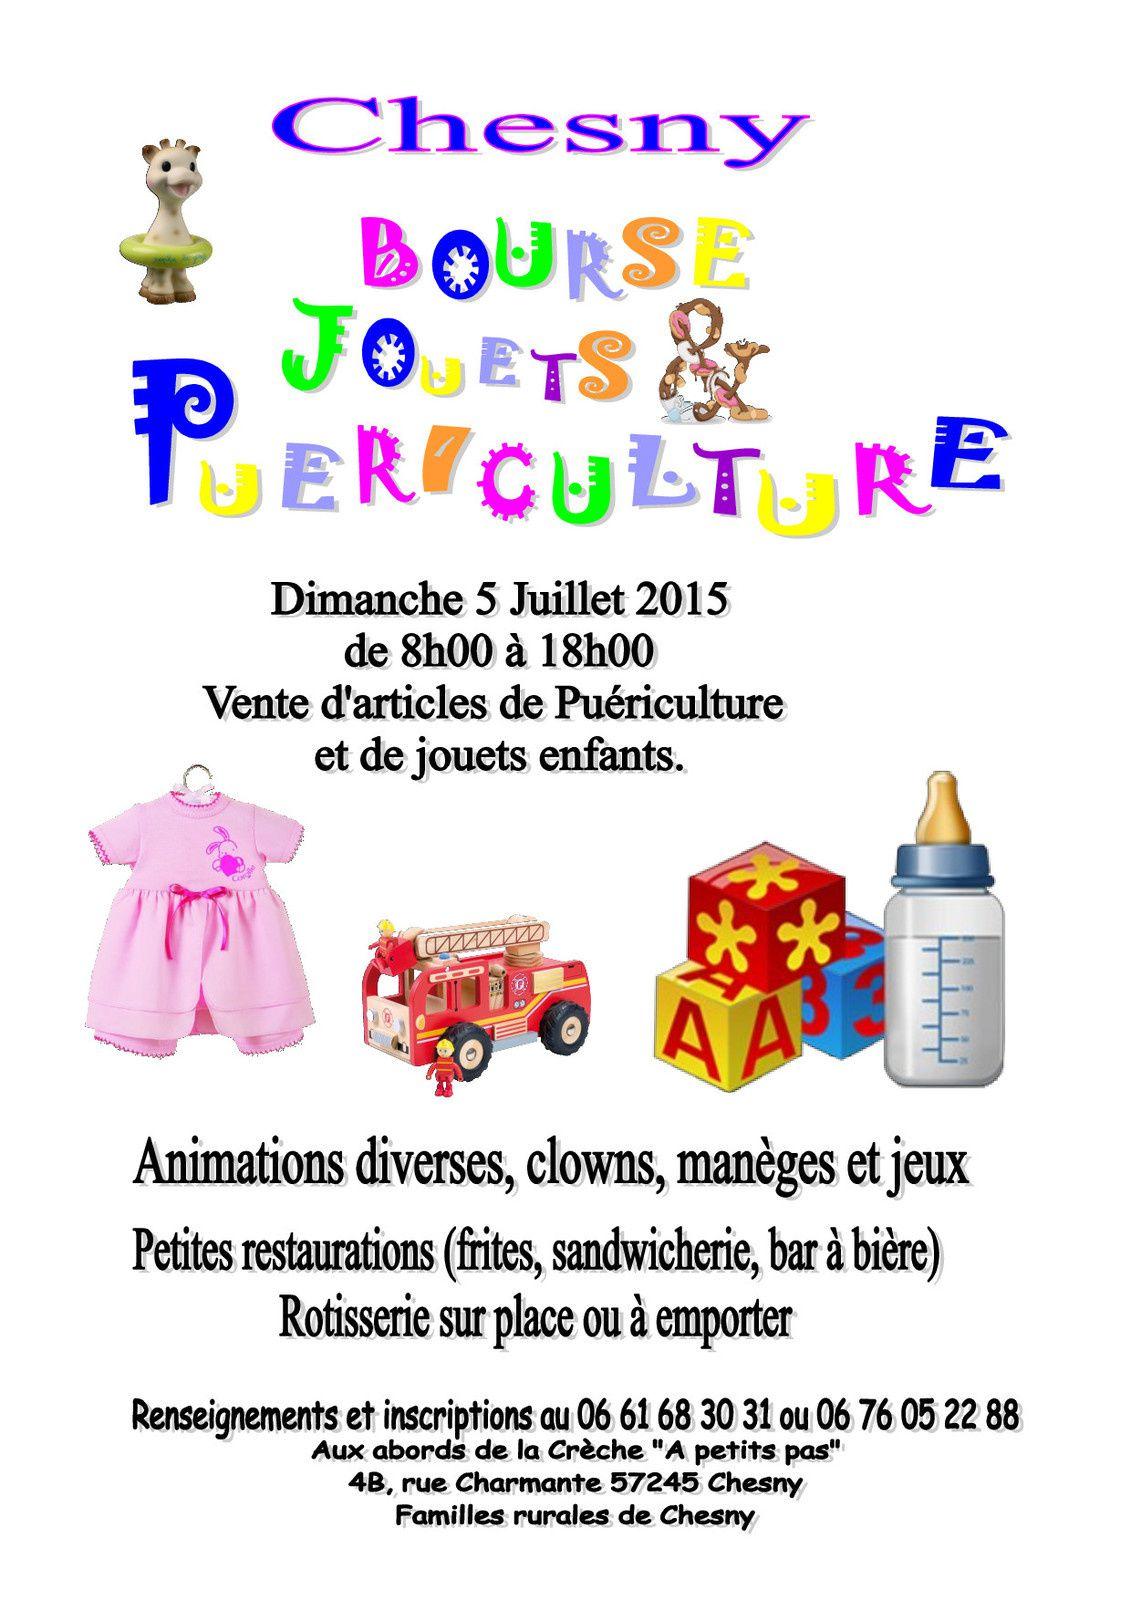 Chesny Bourse jouets puériculture dimanche 5 juillet